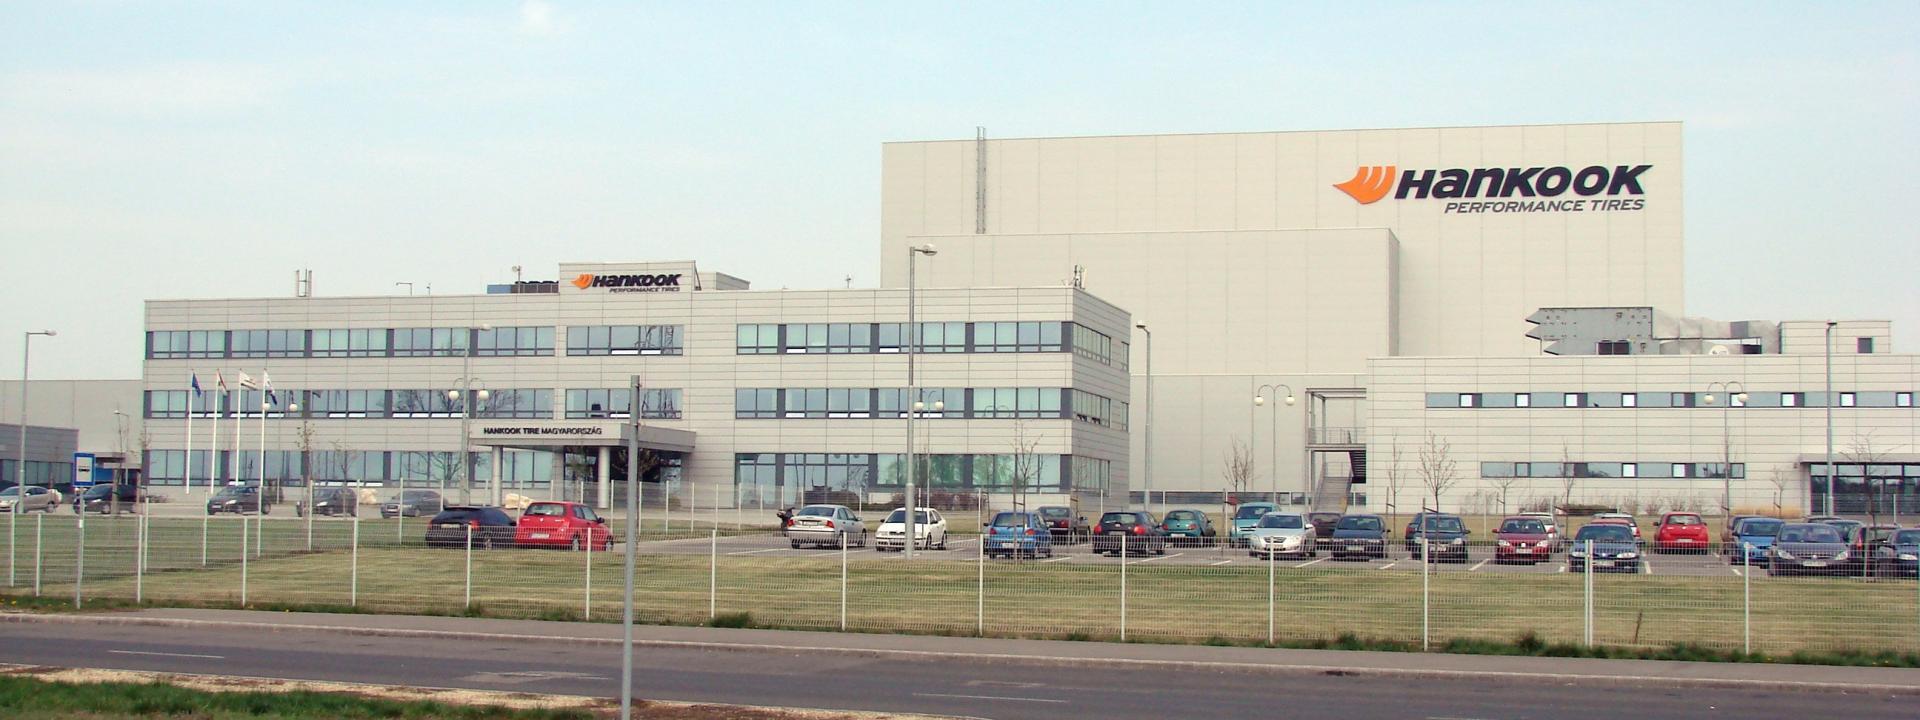 Венгерский завод Hankook остановят из-за перепроизводства